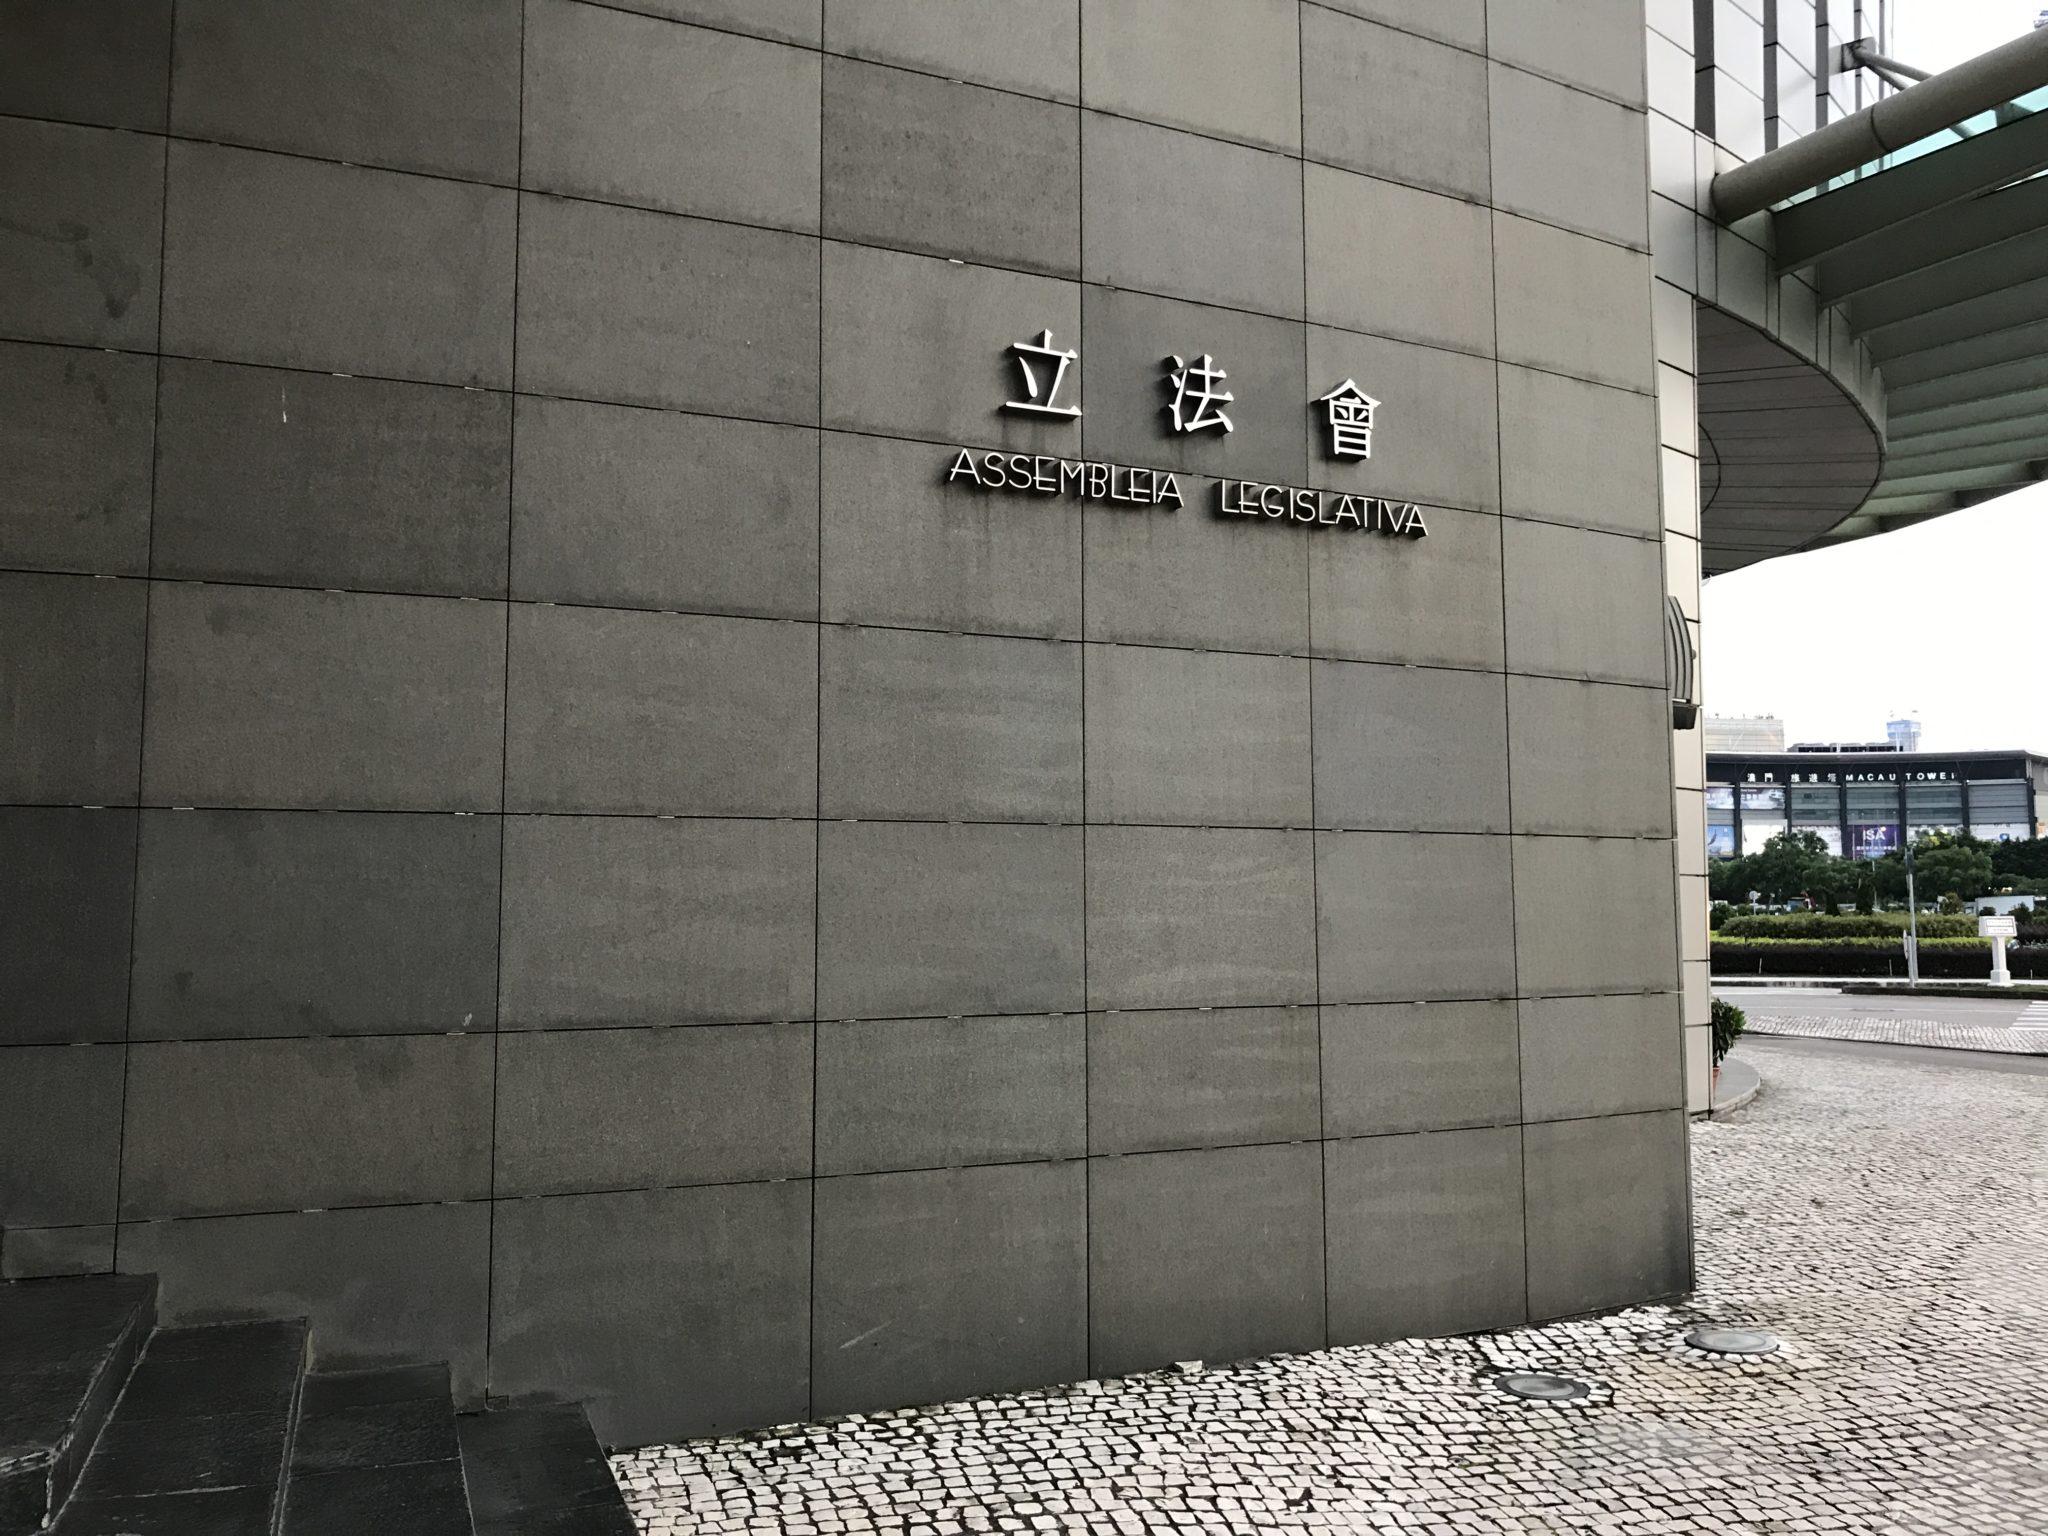 AL | Projecto de lei sindical de Pereira Coutinho e Sulu Sou reprovado